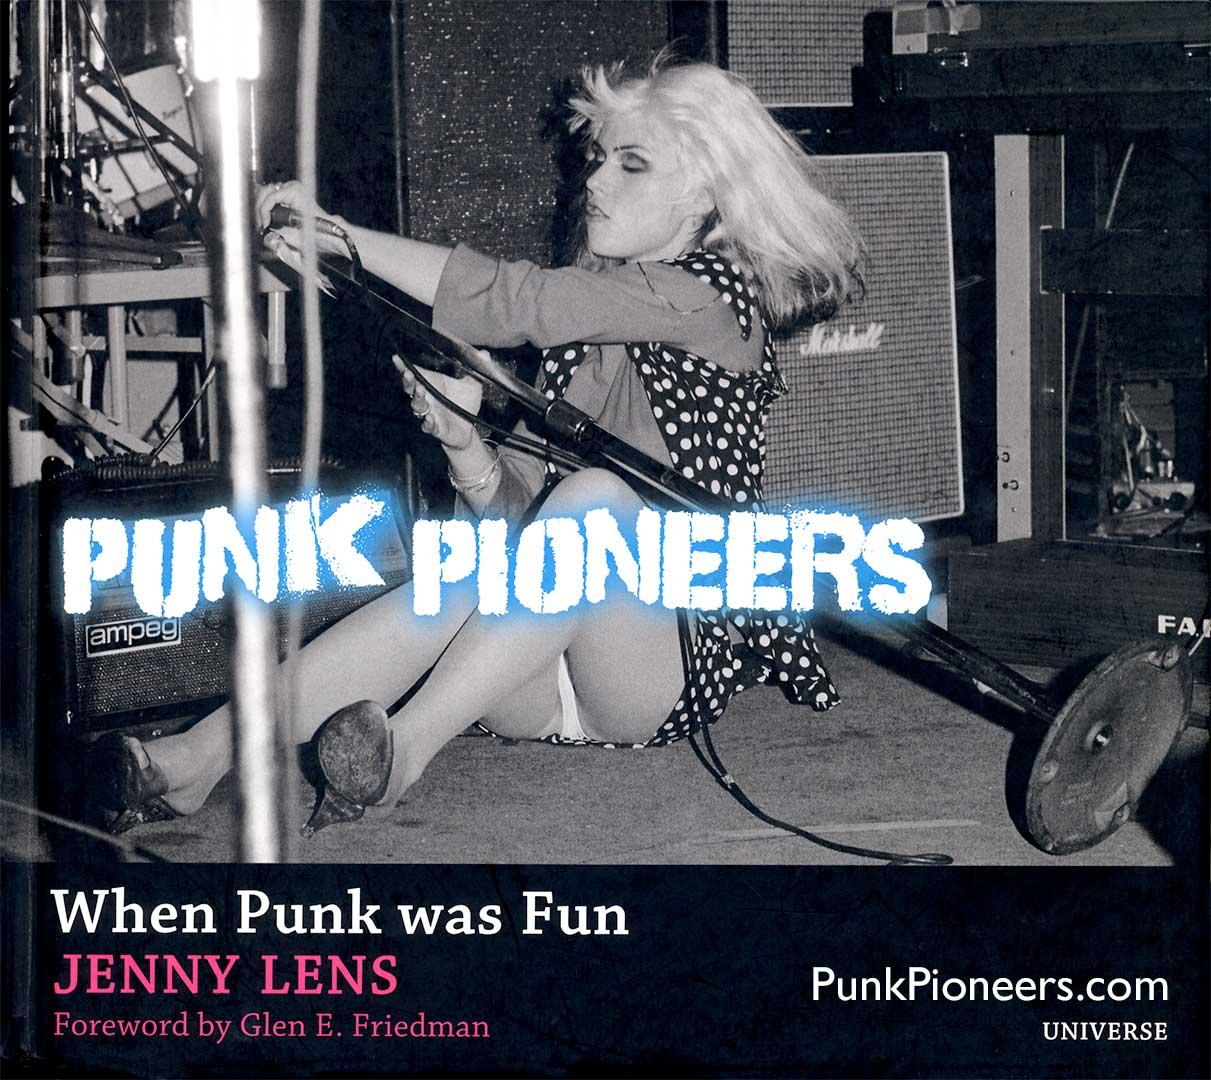 Punk Pioneers cover, Debbie Harry Blondie, Whisky, Feb 1977, Jenny Lens